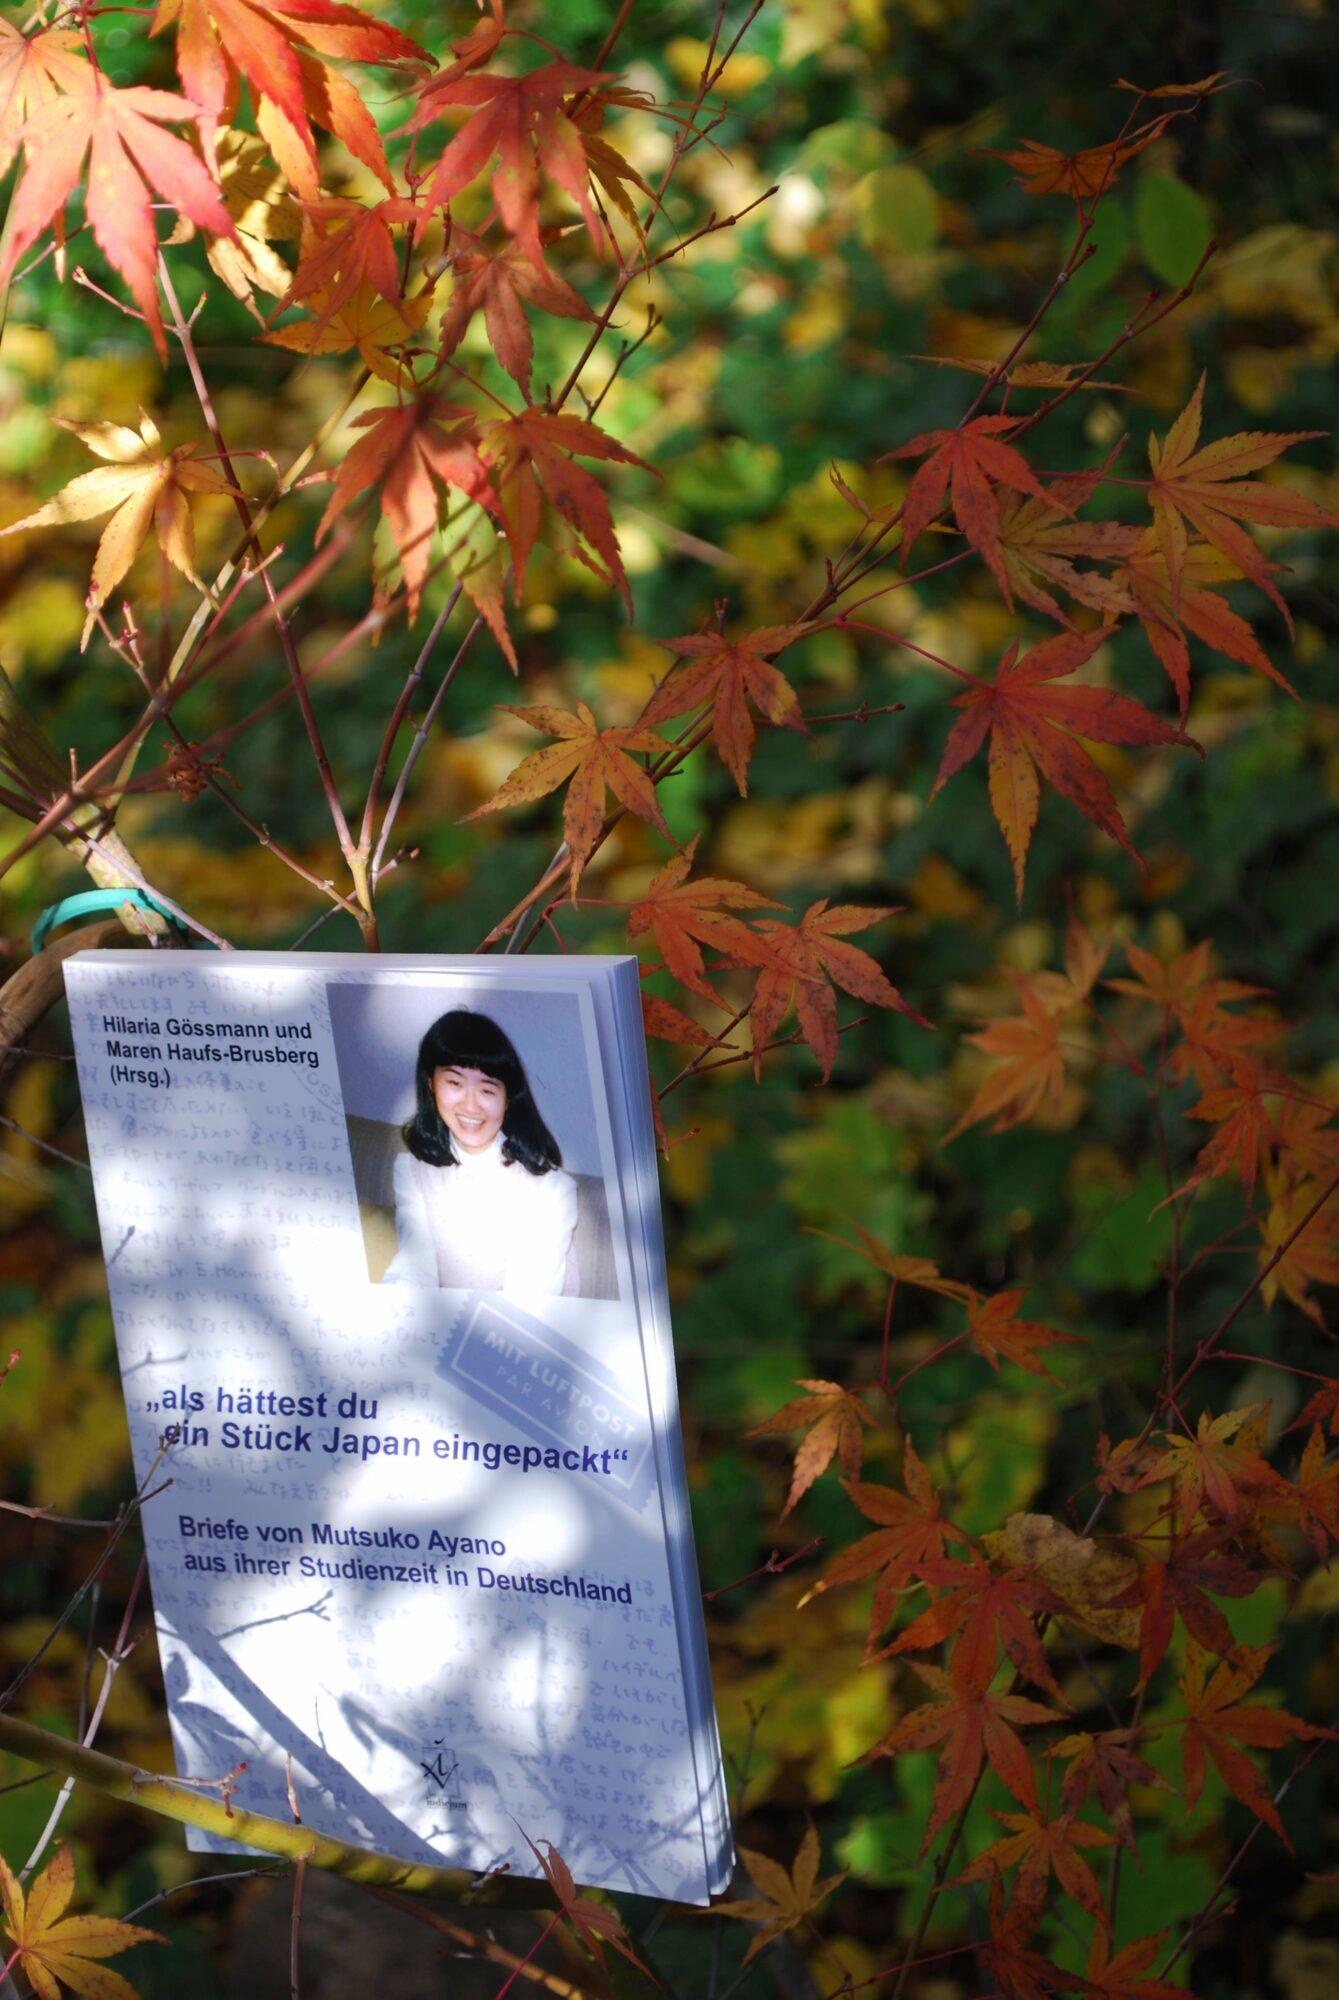 Buch-Cover von Mutsuko Ayano an einem Ast herbstlich gefärbten Japan-Ahorns